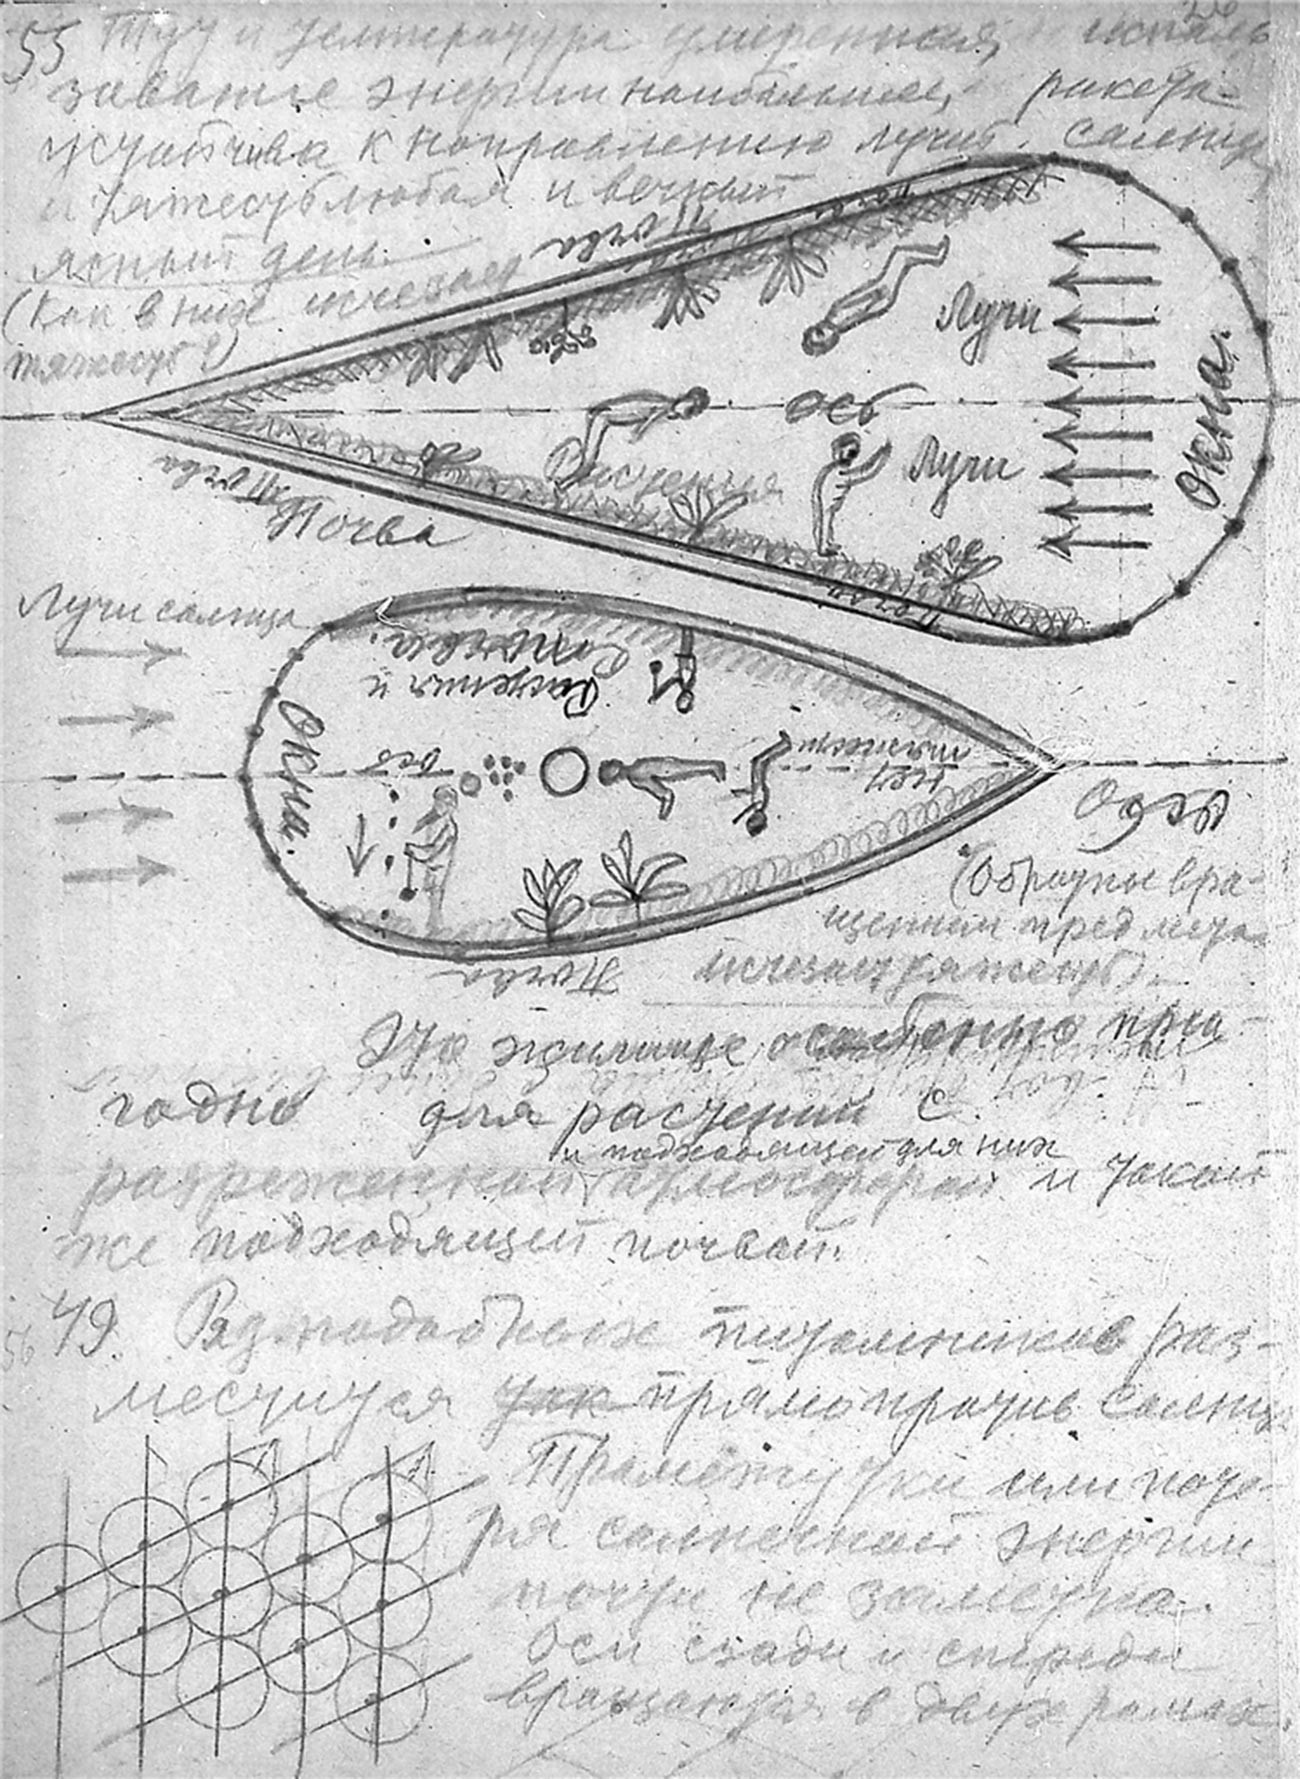 Manuscrit de Constantin Tsiolkovski